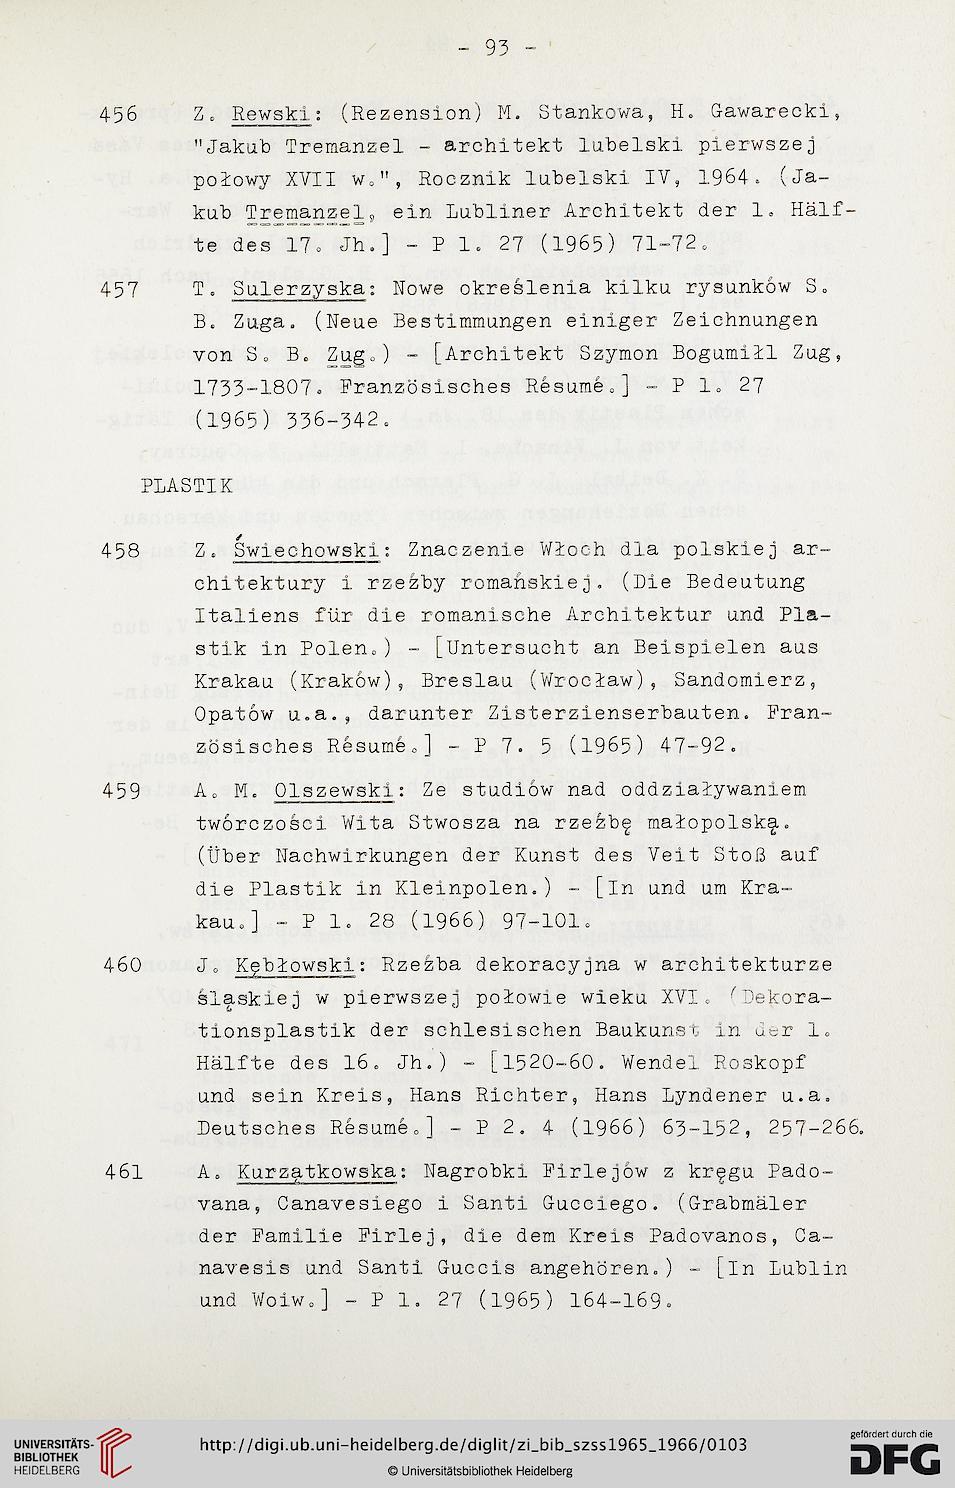 Zentralinstitut Für Kunstgeschichte Hrsg Bibliographie Zur